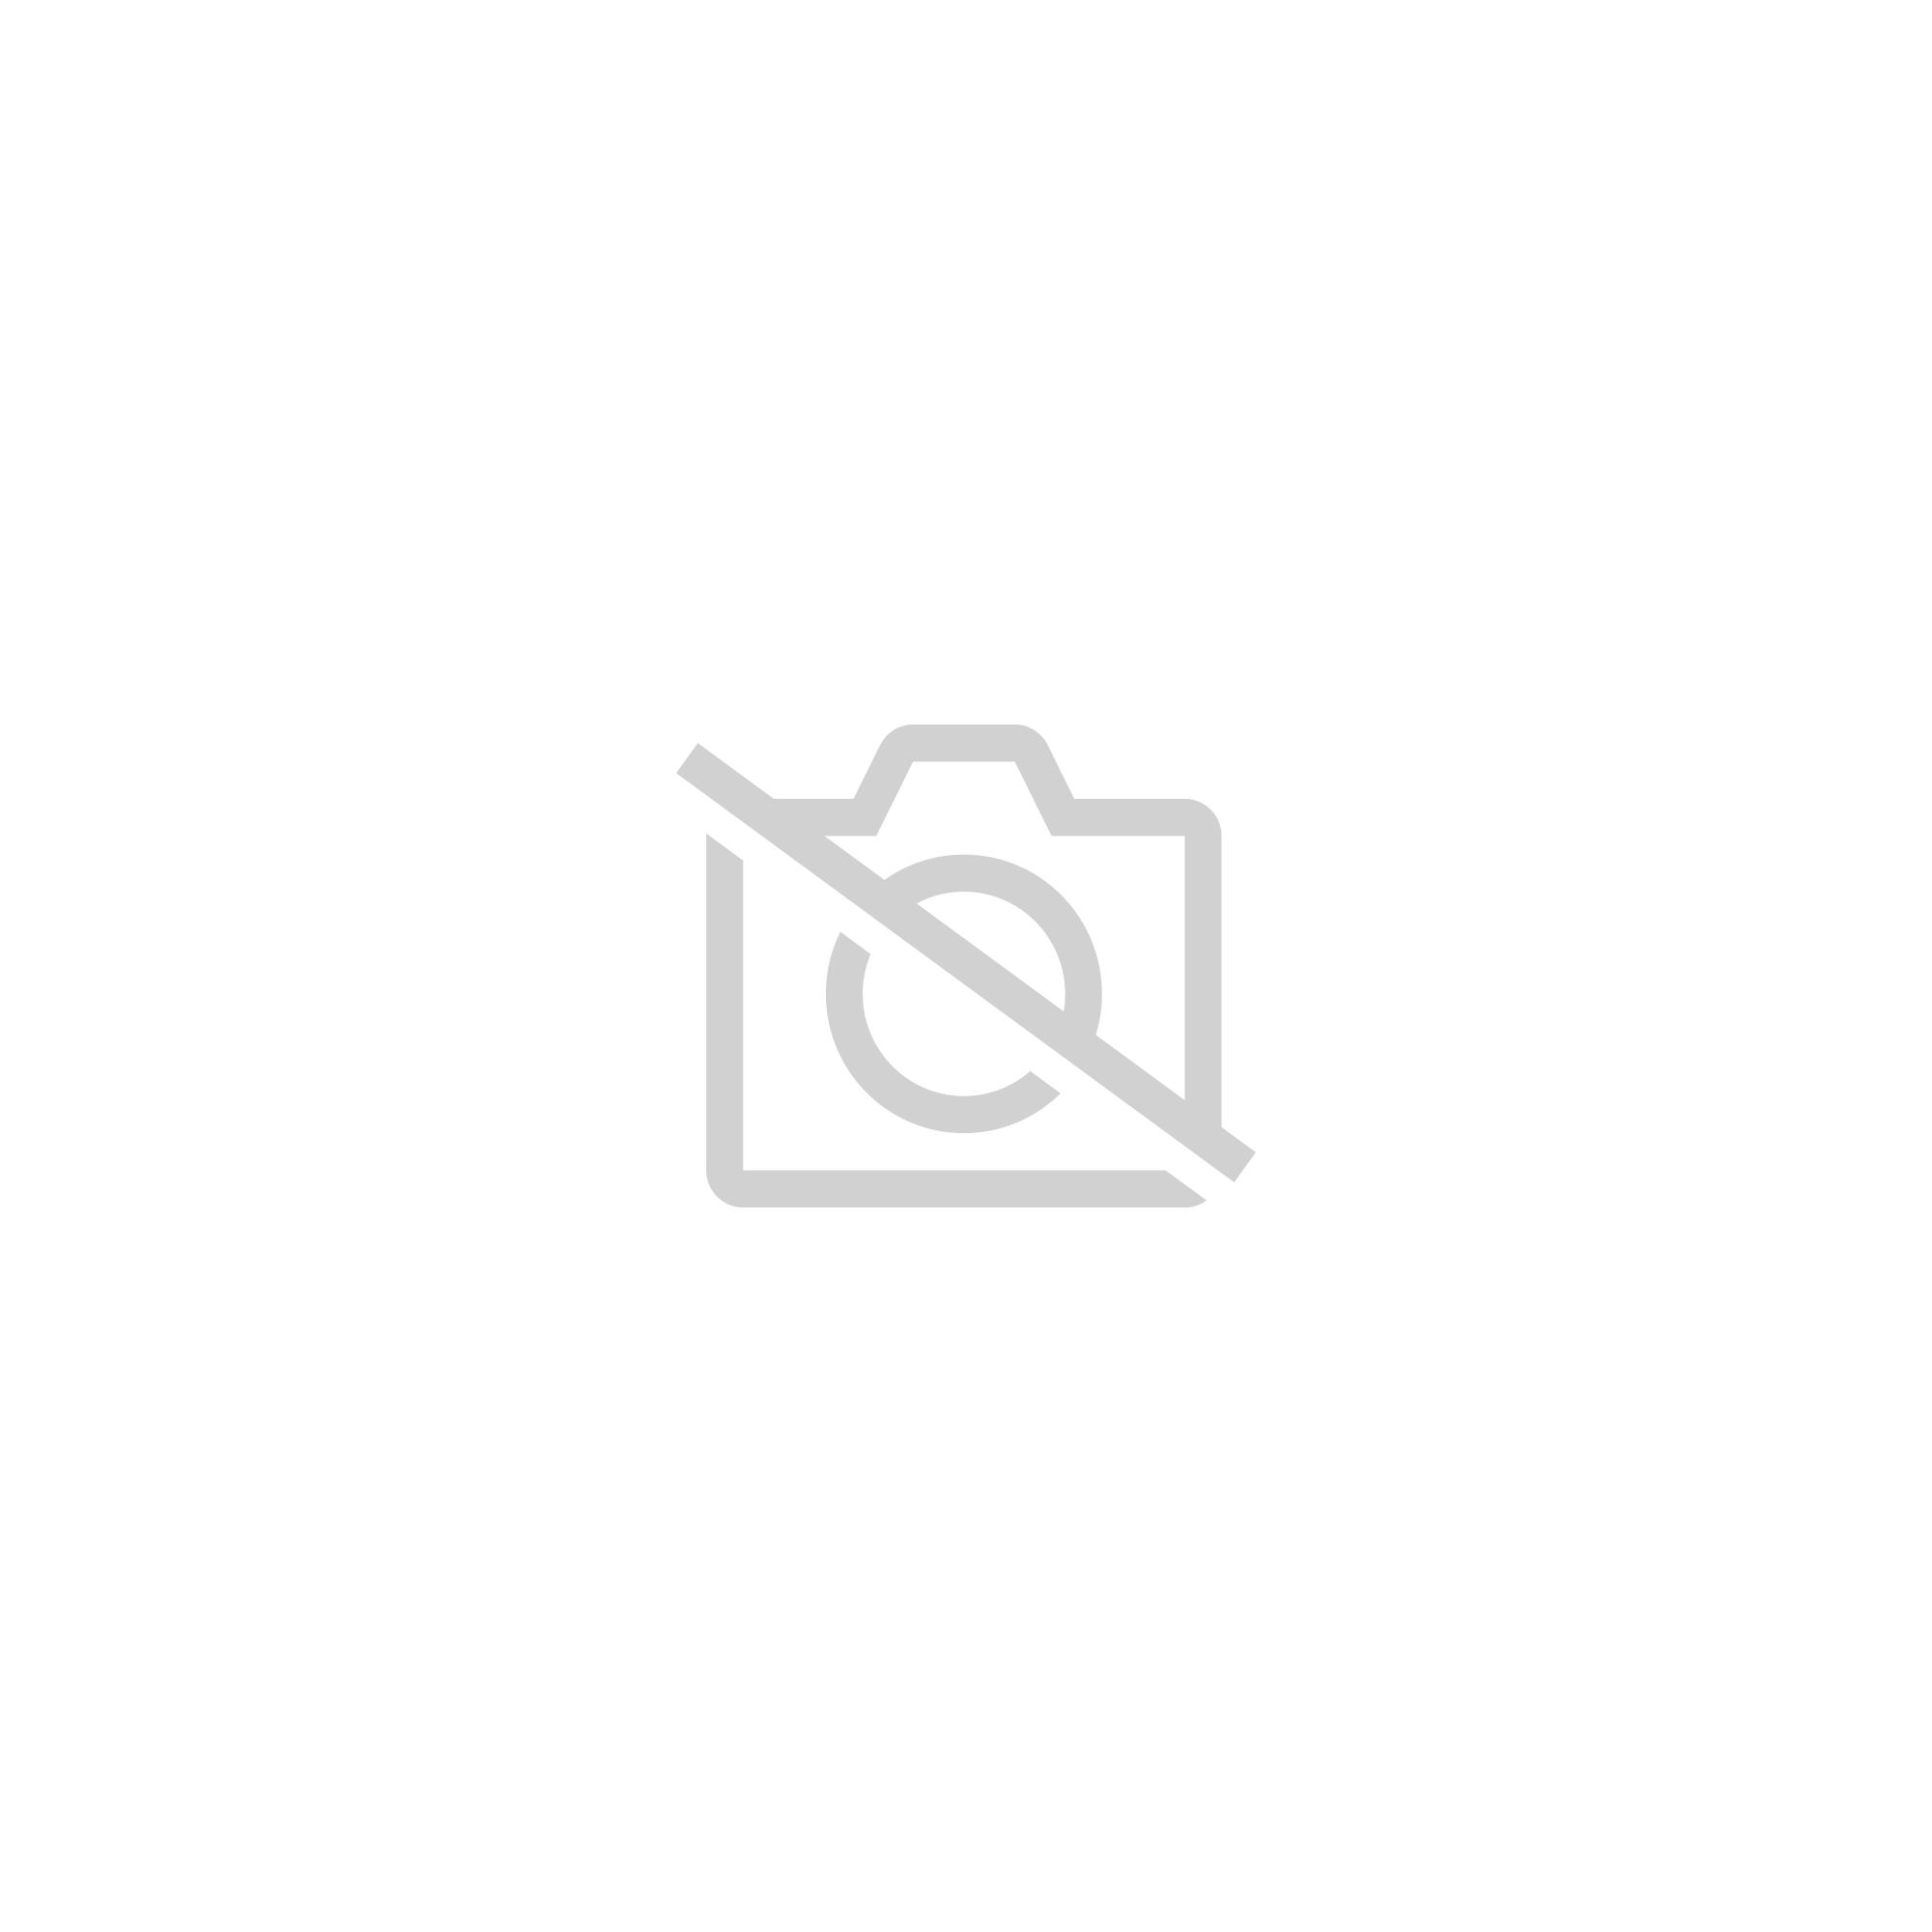 Closset Kitesurf Sweat Sport Taille Unisexe Humour Dr/ôle et Sympa pour Tous Les Sportifs Passionn/és